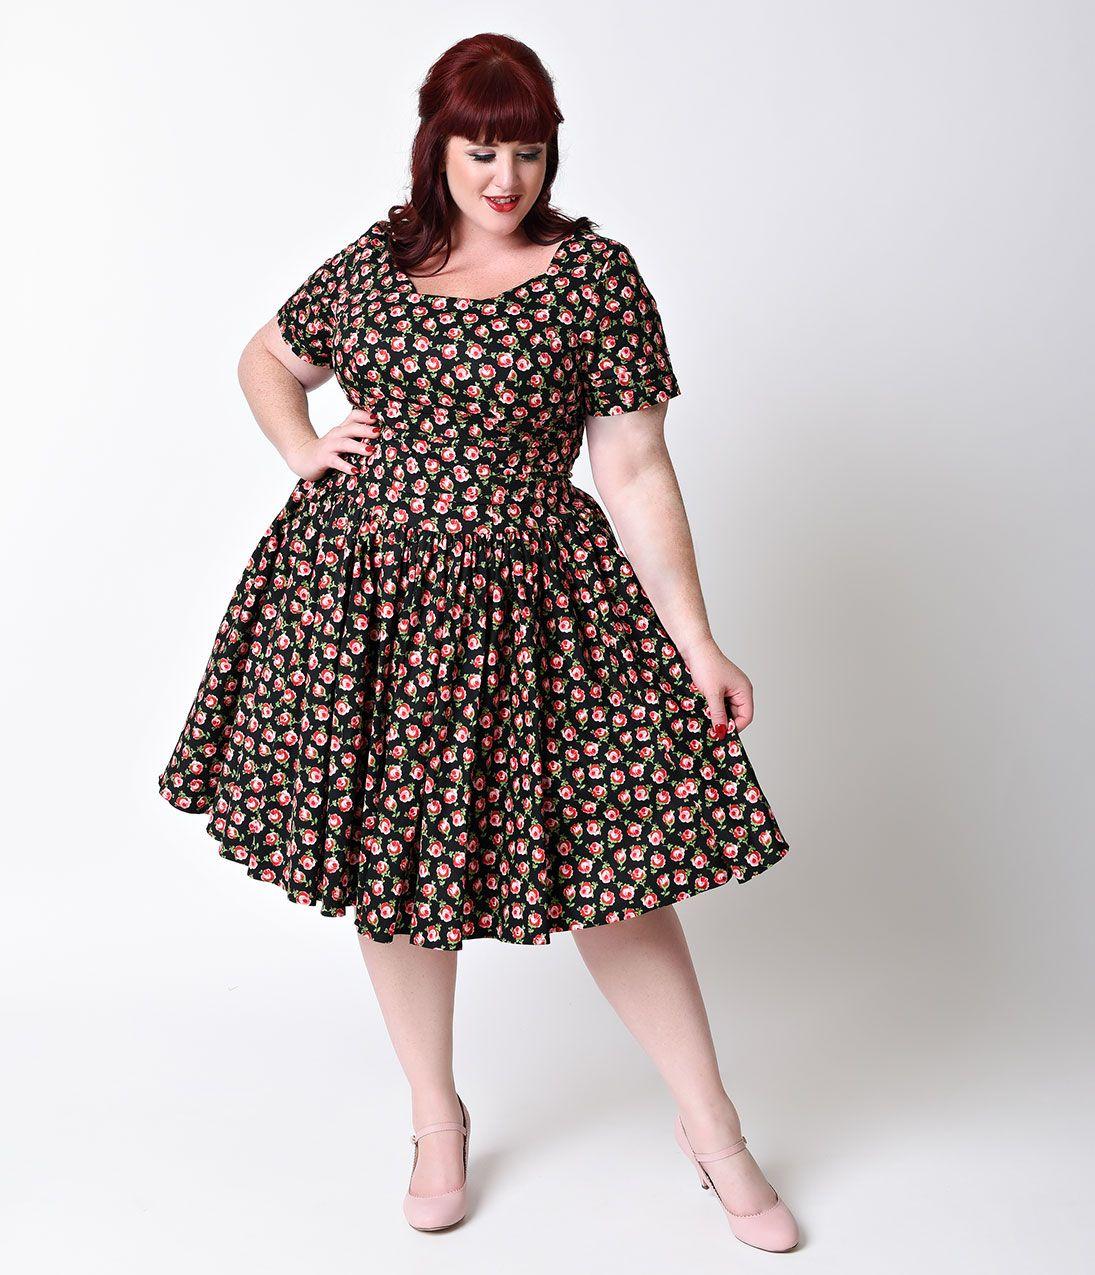 60s Plus Size Retro Dresses Clothing Costumes Mad Men Retro